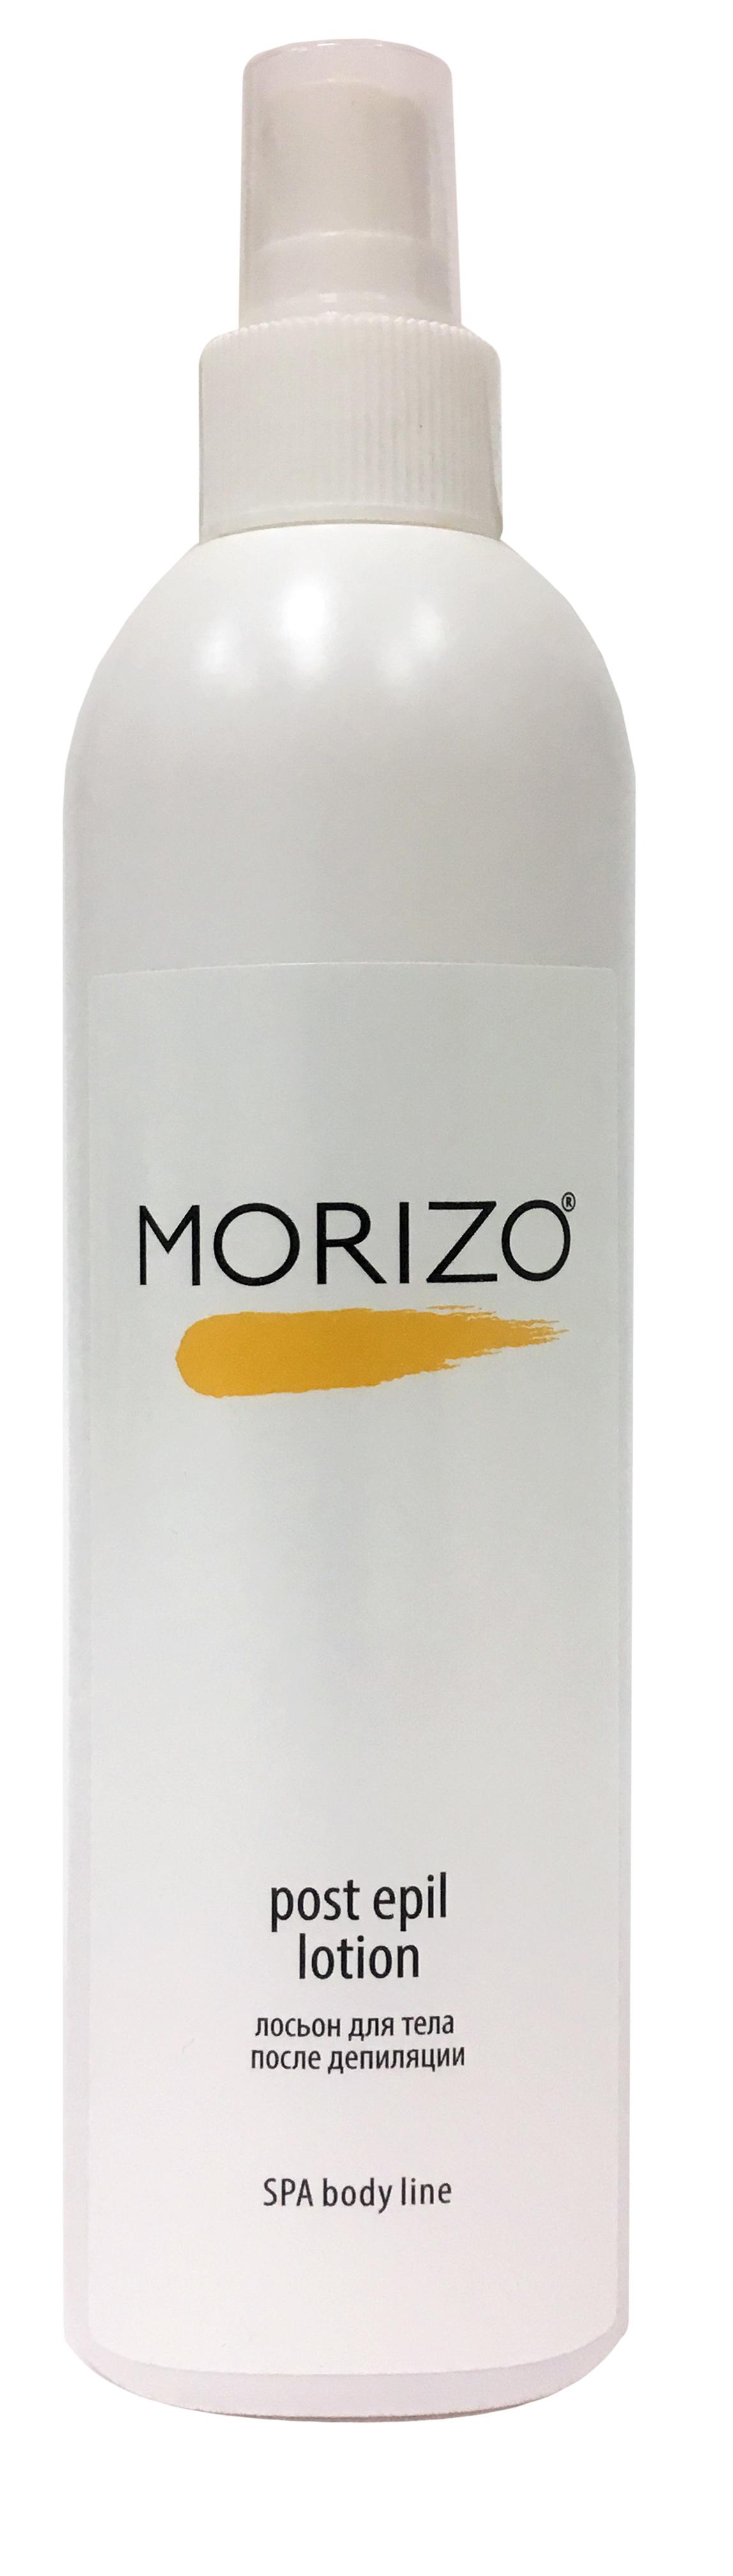 Morizo Лосьон для тела после депиляции, 300 мл109026Лосьон для тела с активными натуральными компонентами предназначен для очищения кожи и удаления остатков воска и пасты после депиляции. Экстракт ромашки аптечной и аллантоин, входящие в состав, успокаивают и снимают раздражение, восстанавливают, способствуют ускорению регенерации даже самой чувствительной кожи. Лосьон легко наносится и быстро впитывается благодаря специальному составу и легкой текстуре, дарит ощущение продолжительной гладкости, шелковистости и комфорта.